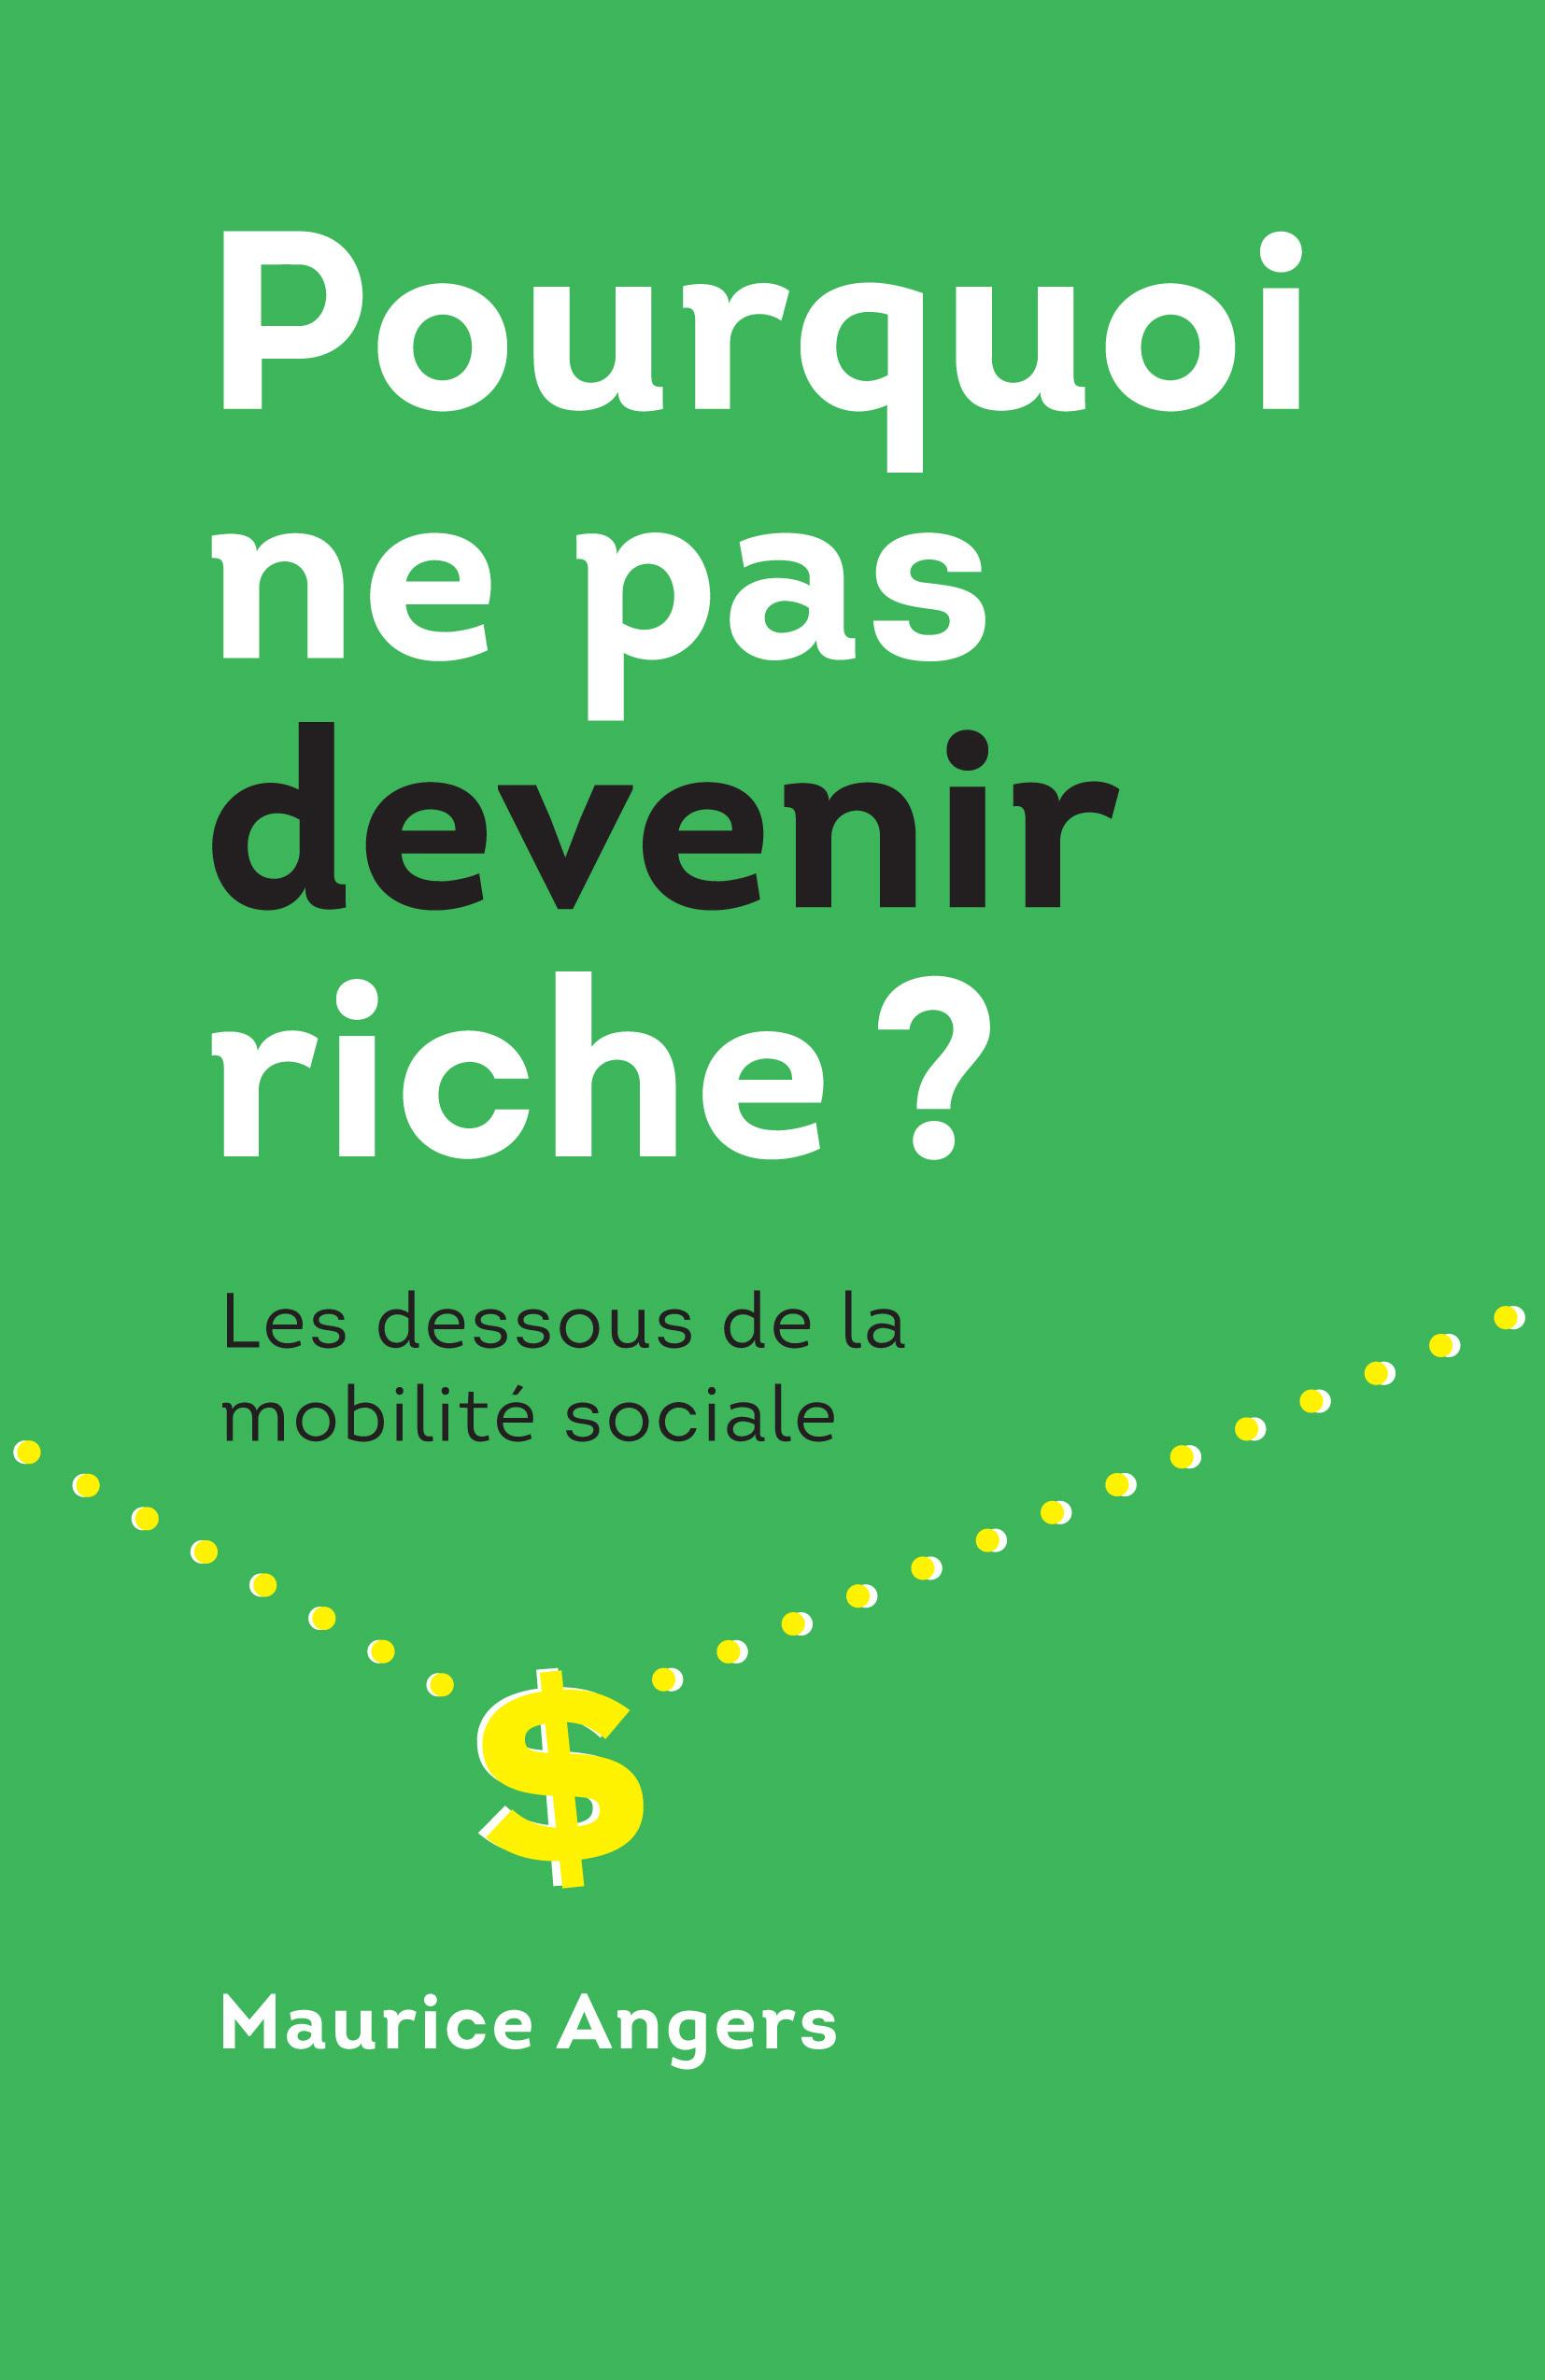 Pourquoi ne pas devenir riche?, Les dessous de la mobilité sociale